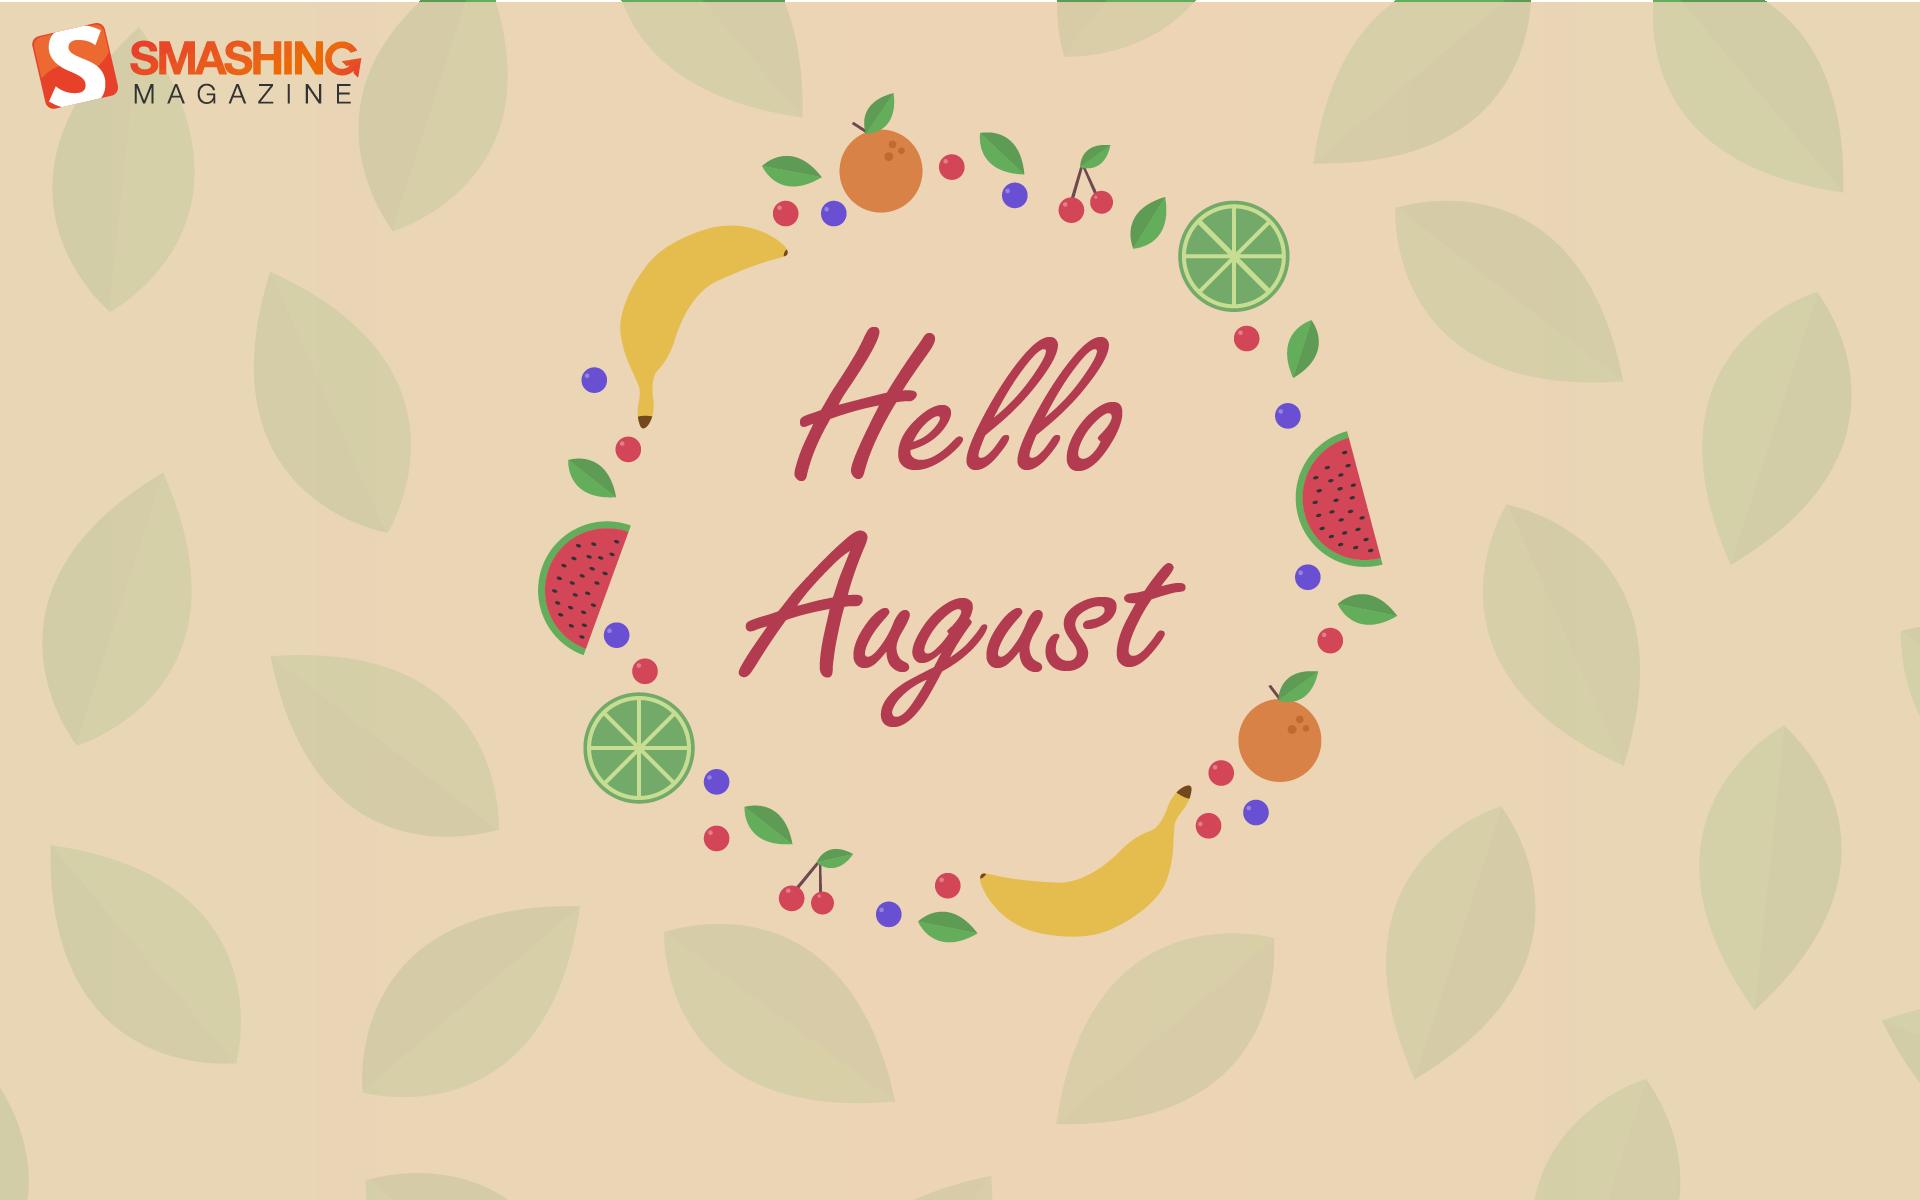 August Desktop Wallpapers   Top August Desktop Backgrounds 1920x1200